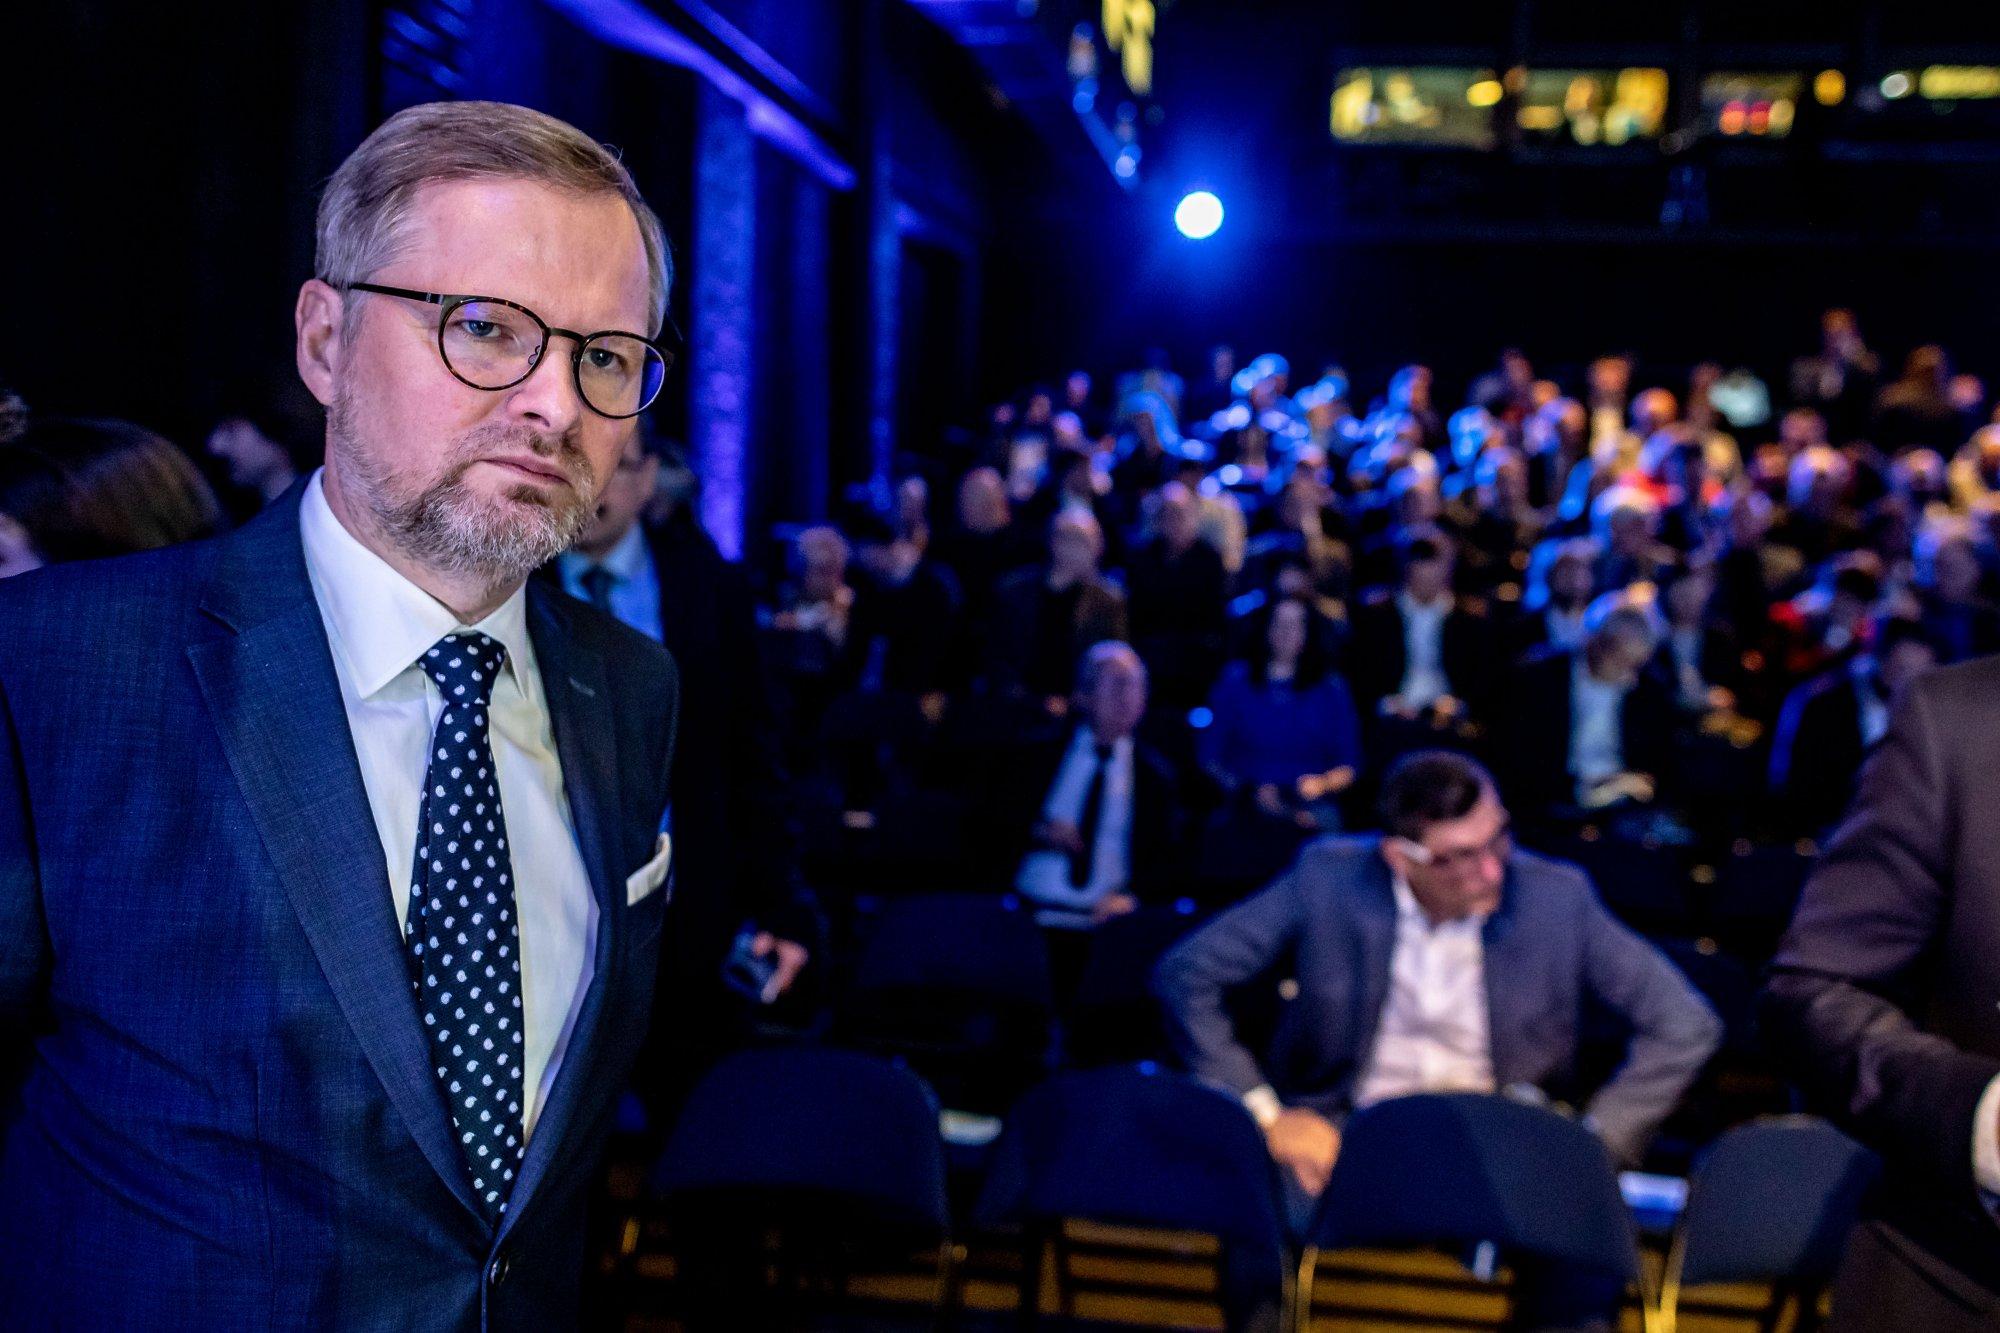 Petr Fiala: Vyzývám předsedu vlády, aby požádal Poslaneckou sněmovnu o potvrzení důvěry